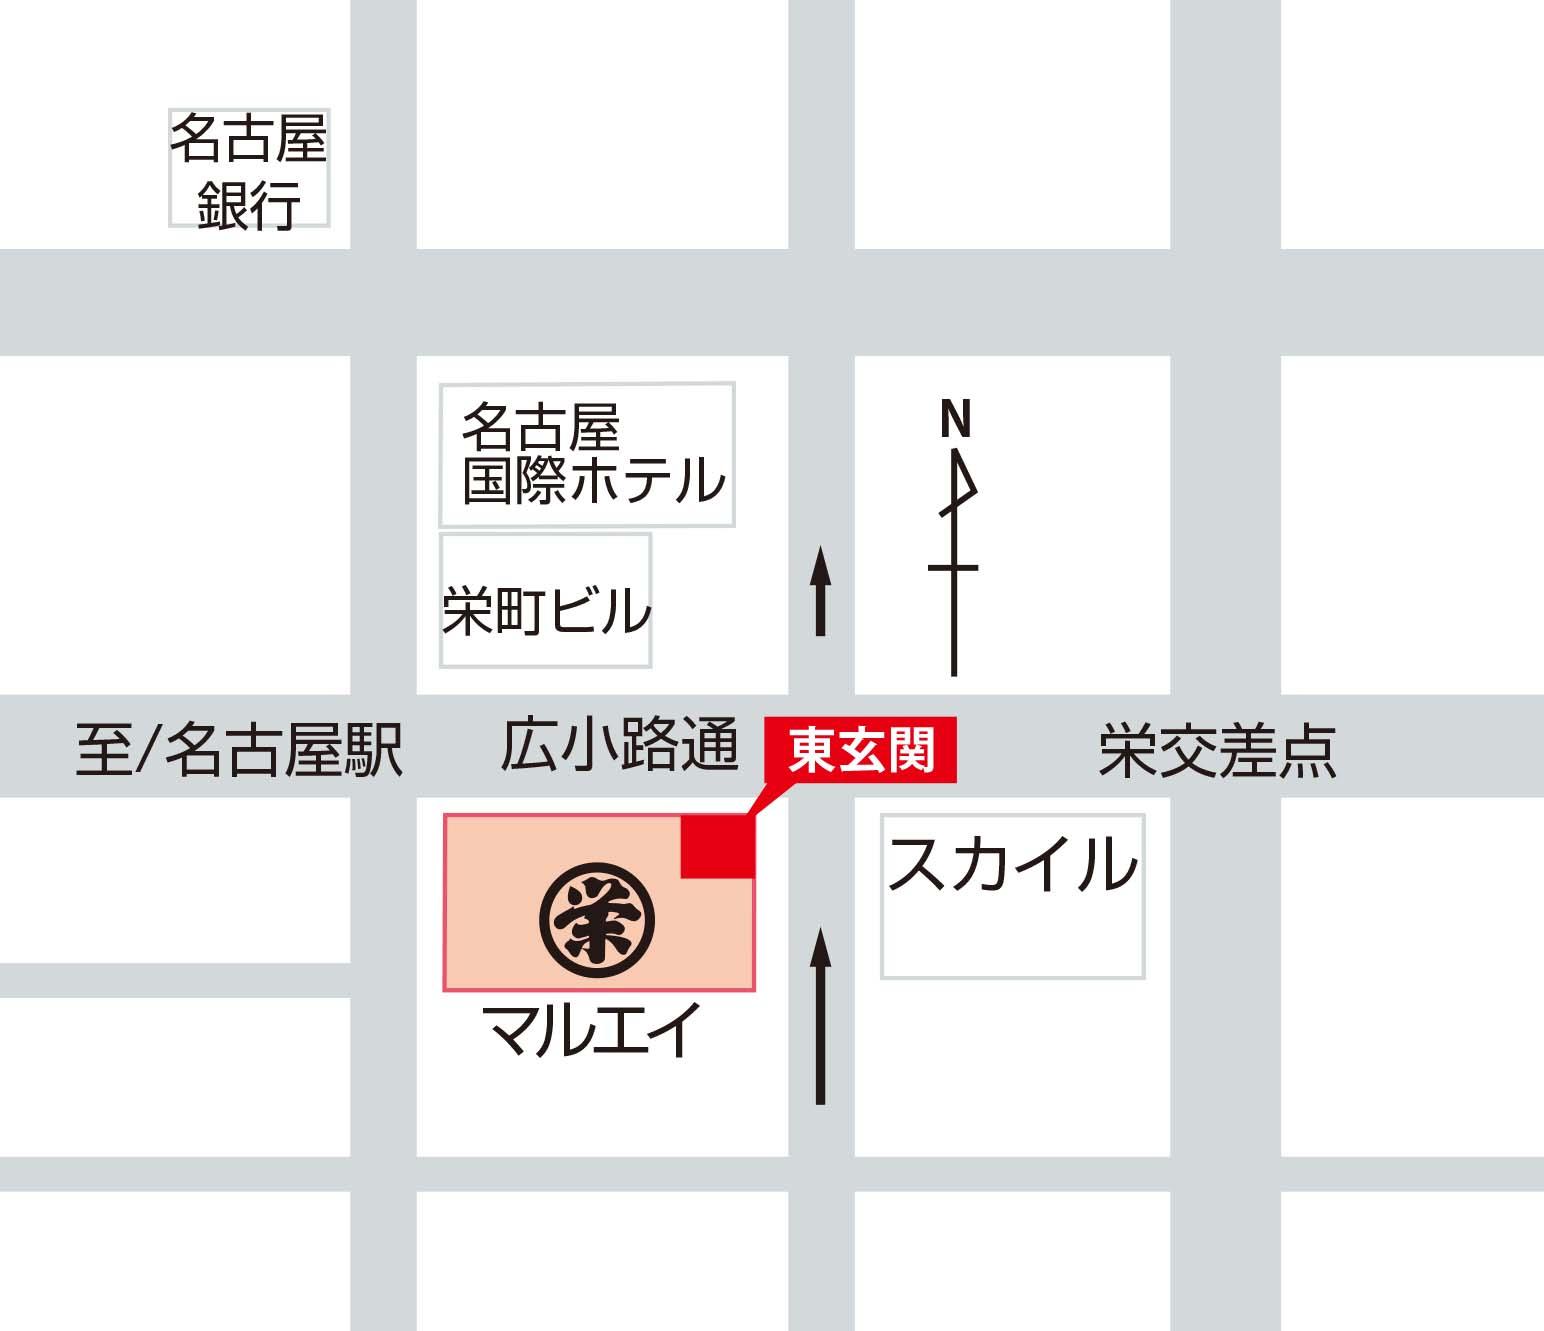 名古屋会場集合場所マップ